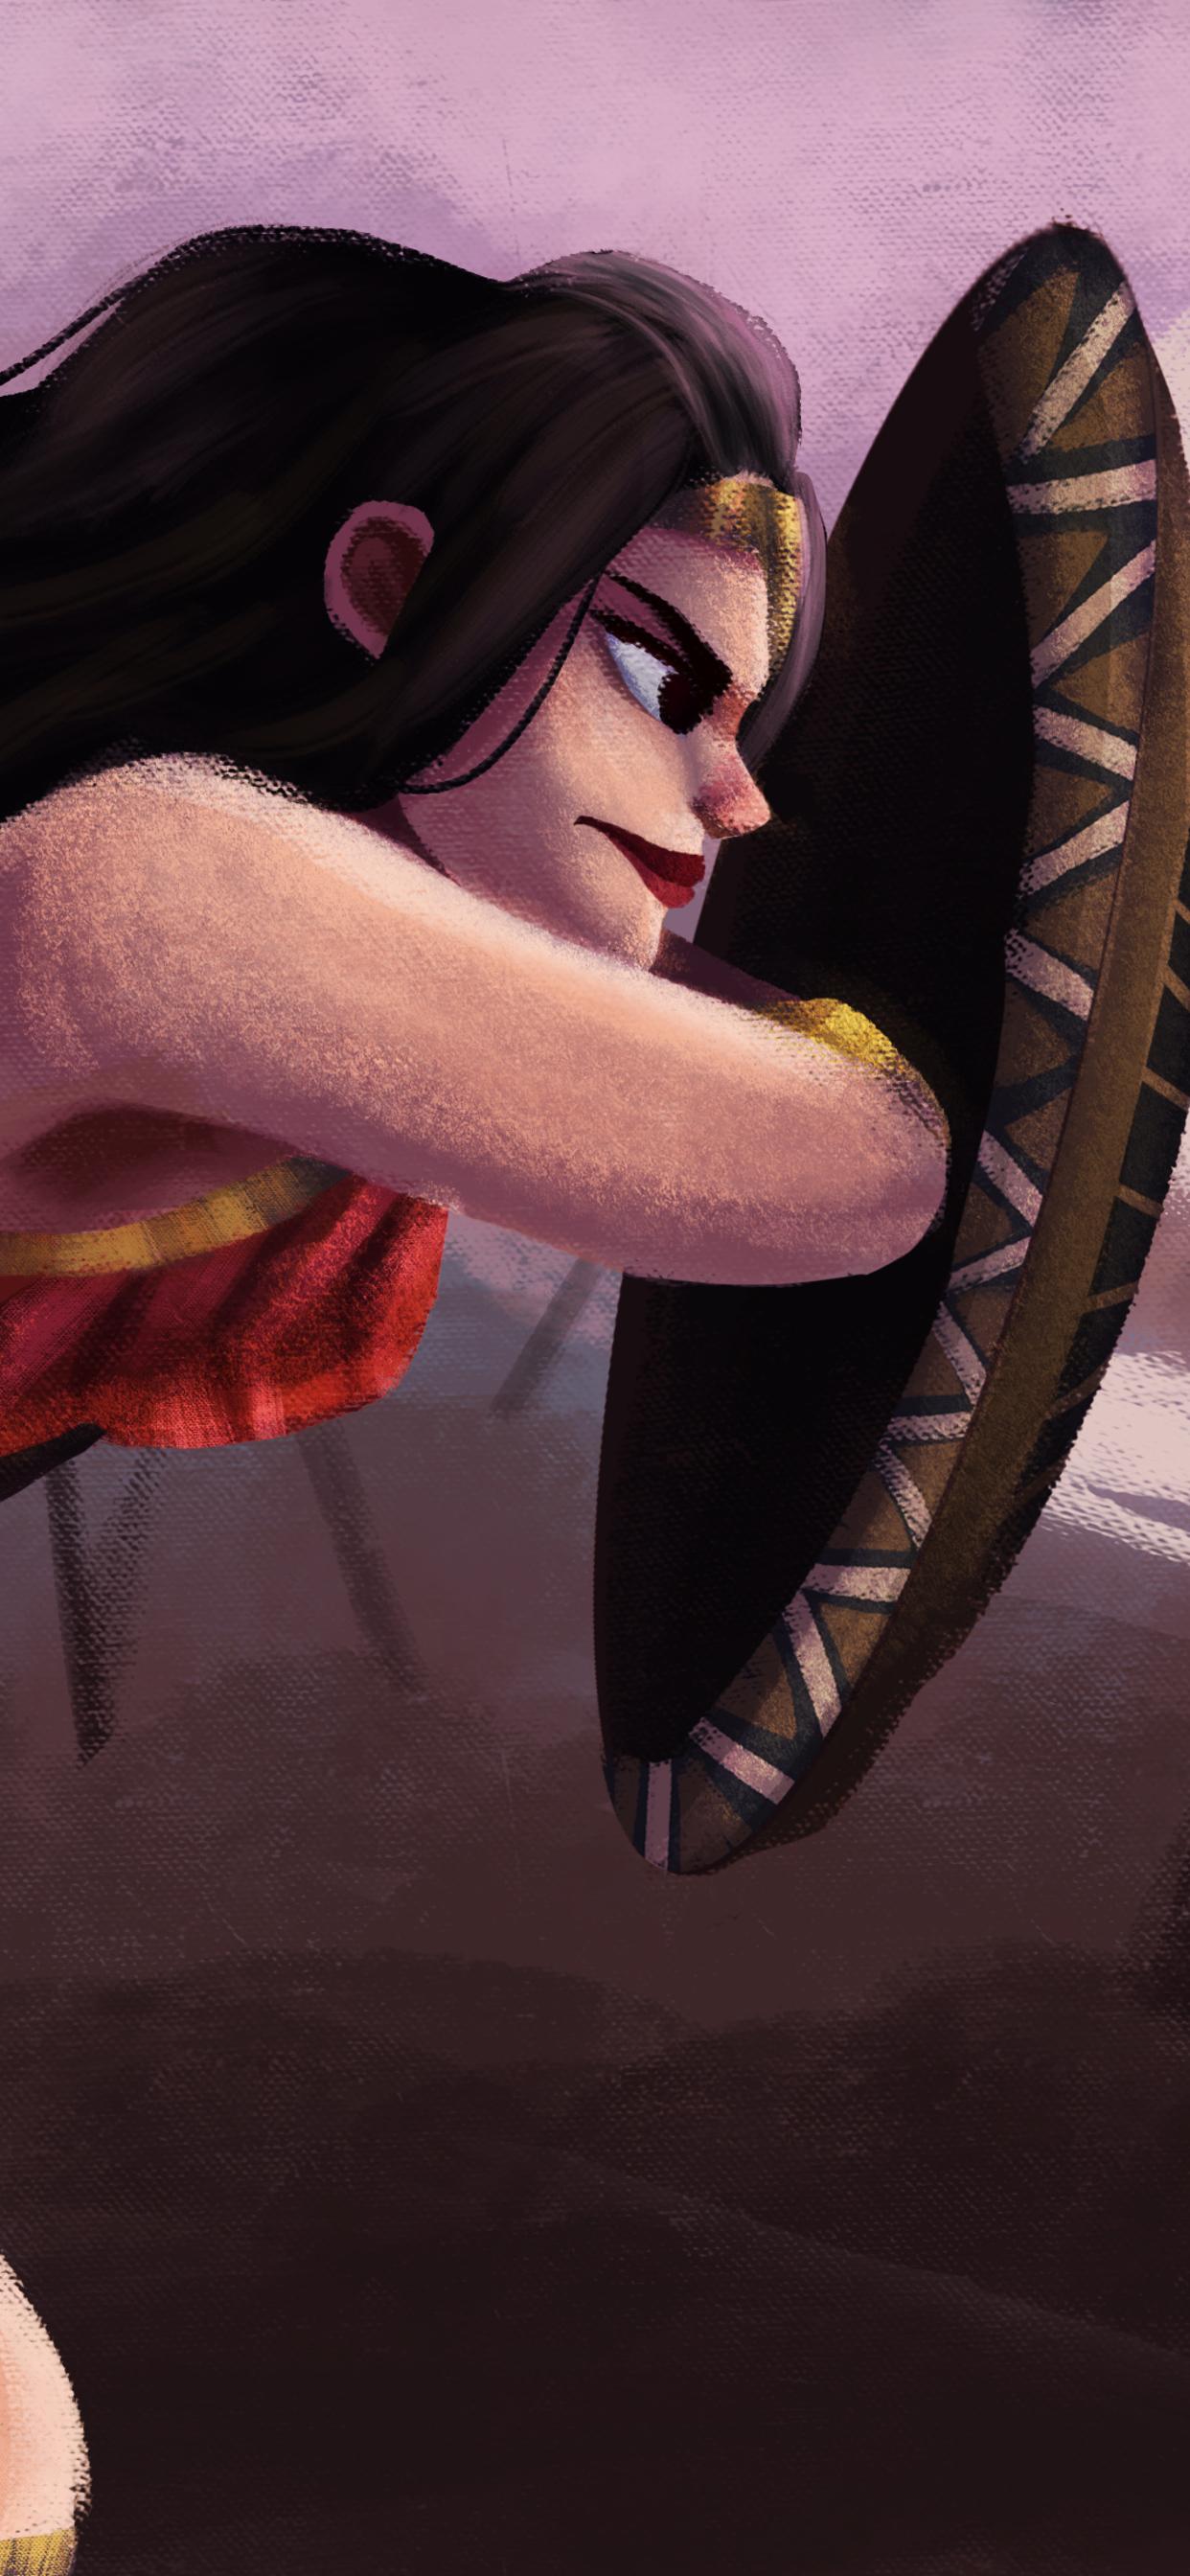 sketch-art-wonder-woman-rp.jpg